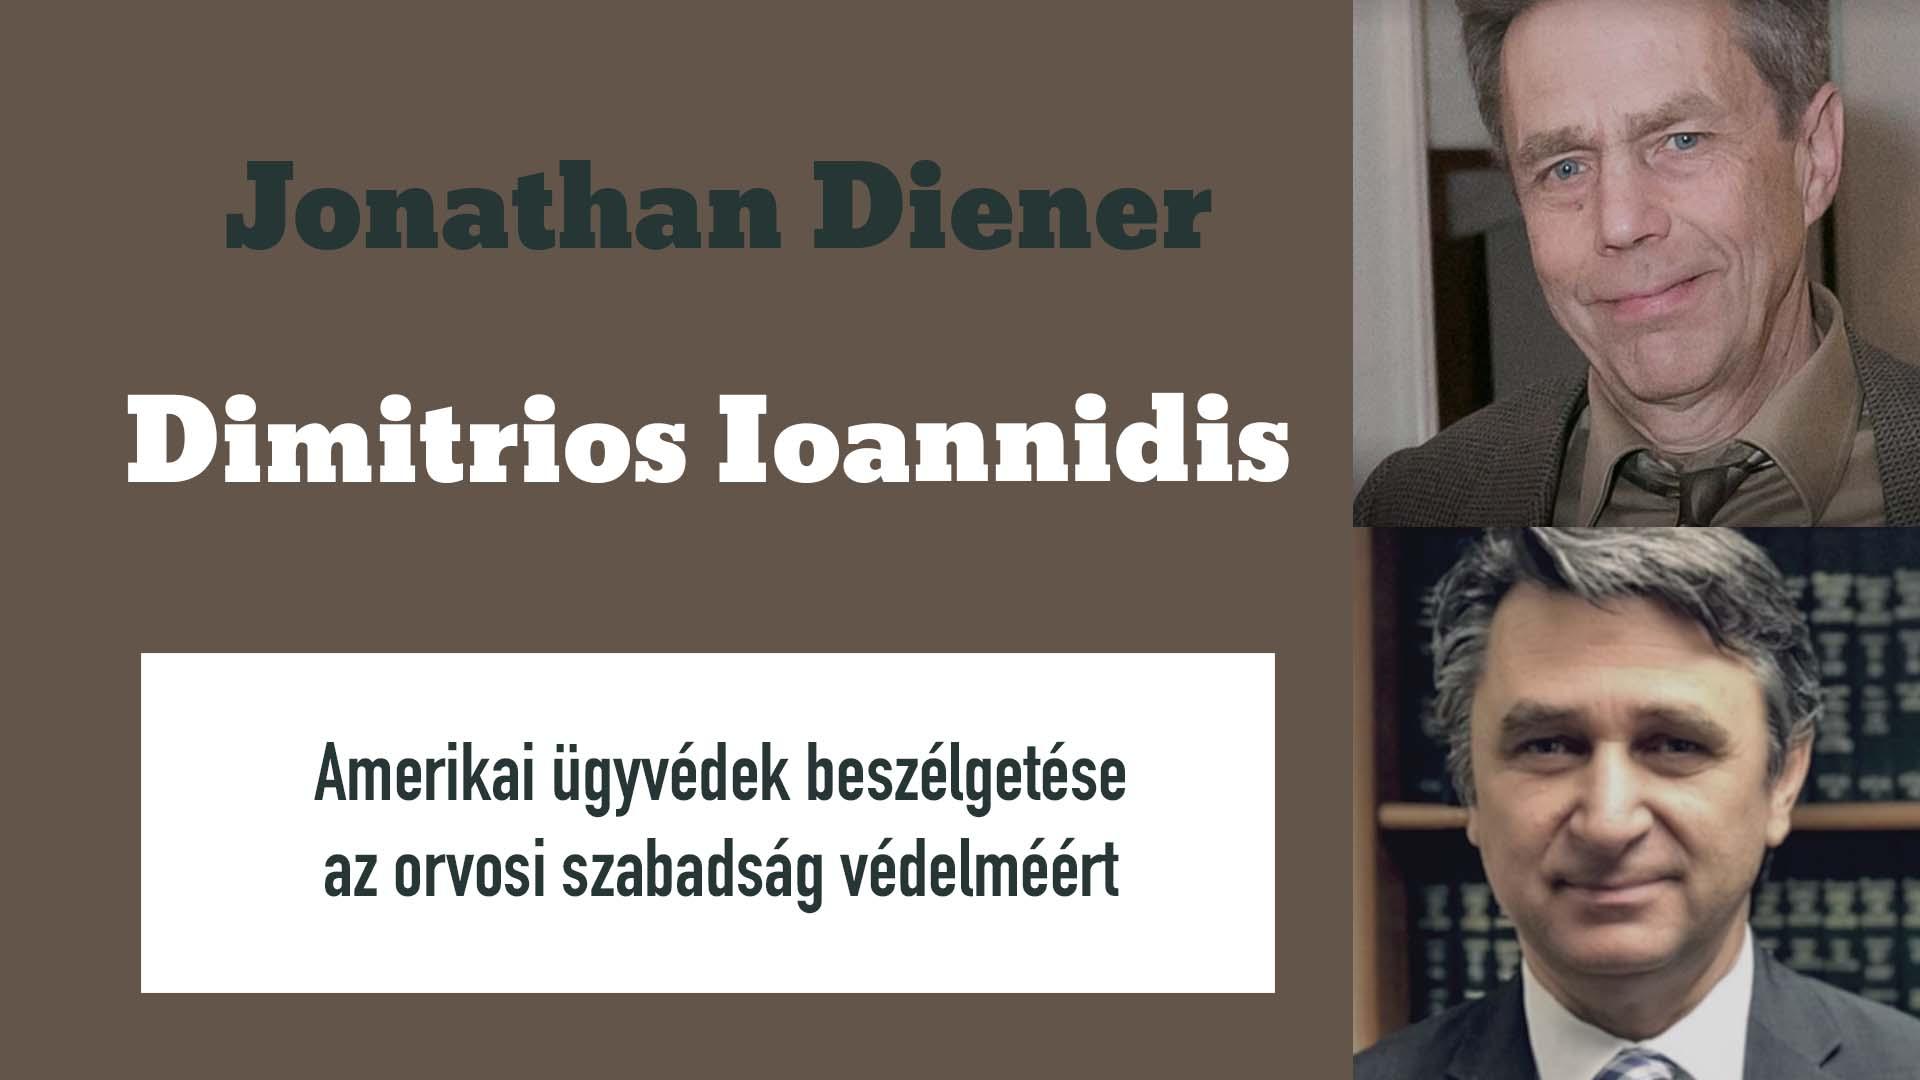 Jonathan Diener & Dimitrios Ioannidis – Amerikai ügyvédek kerekasztal beszélgetése az orvosi szabadság védelméért a Covid-19 járvány alatt az USA-ban